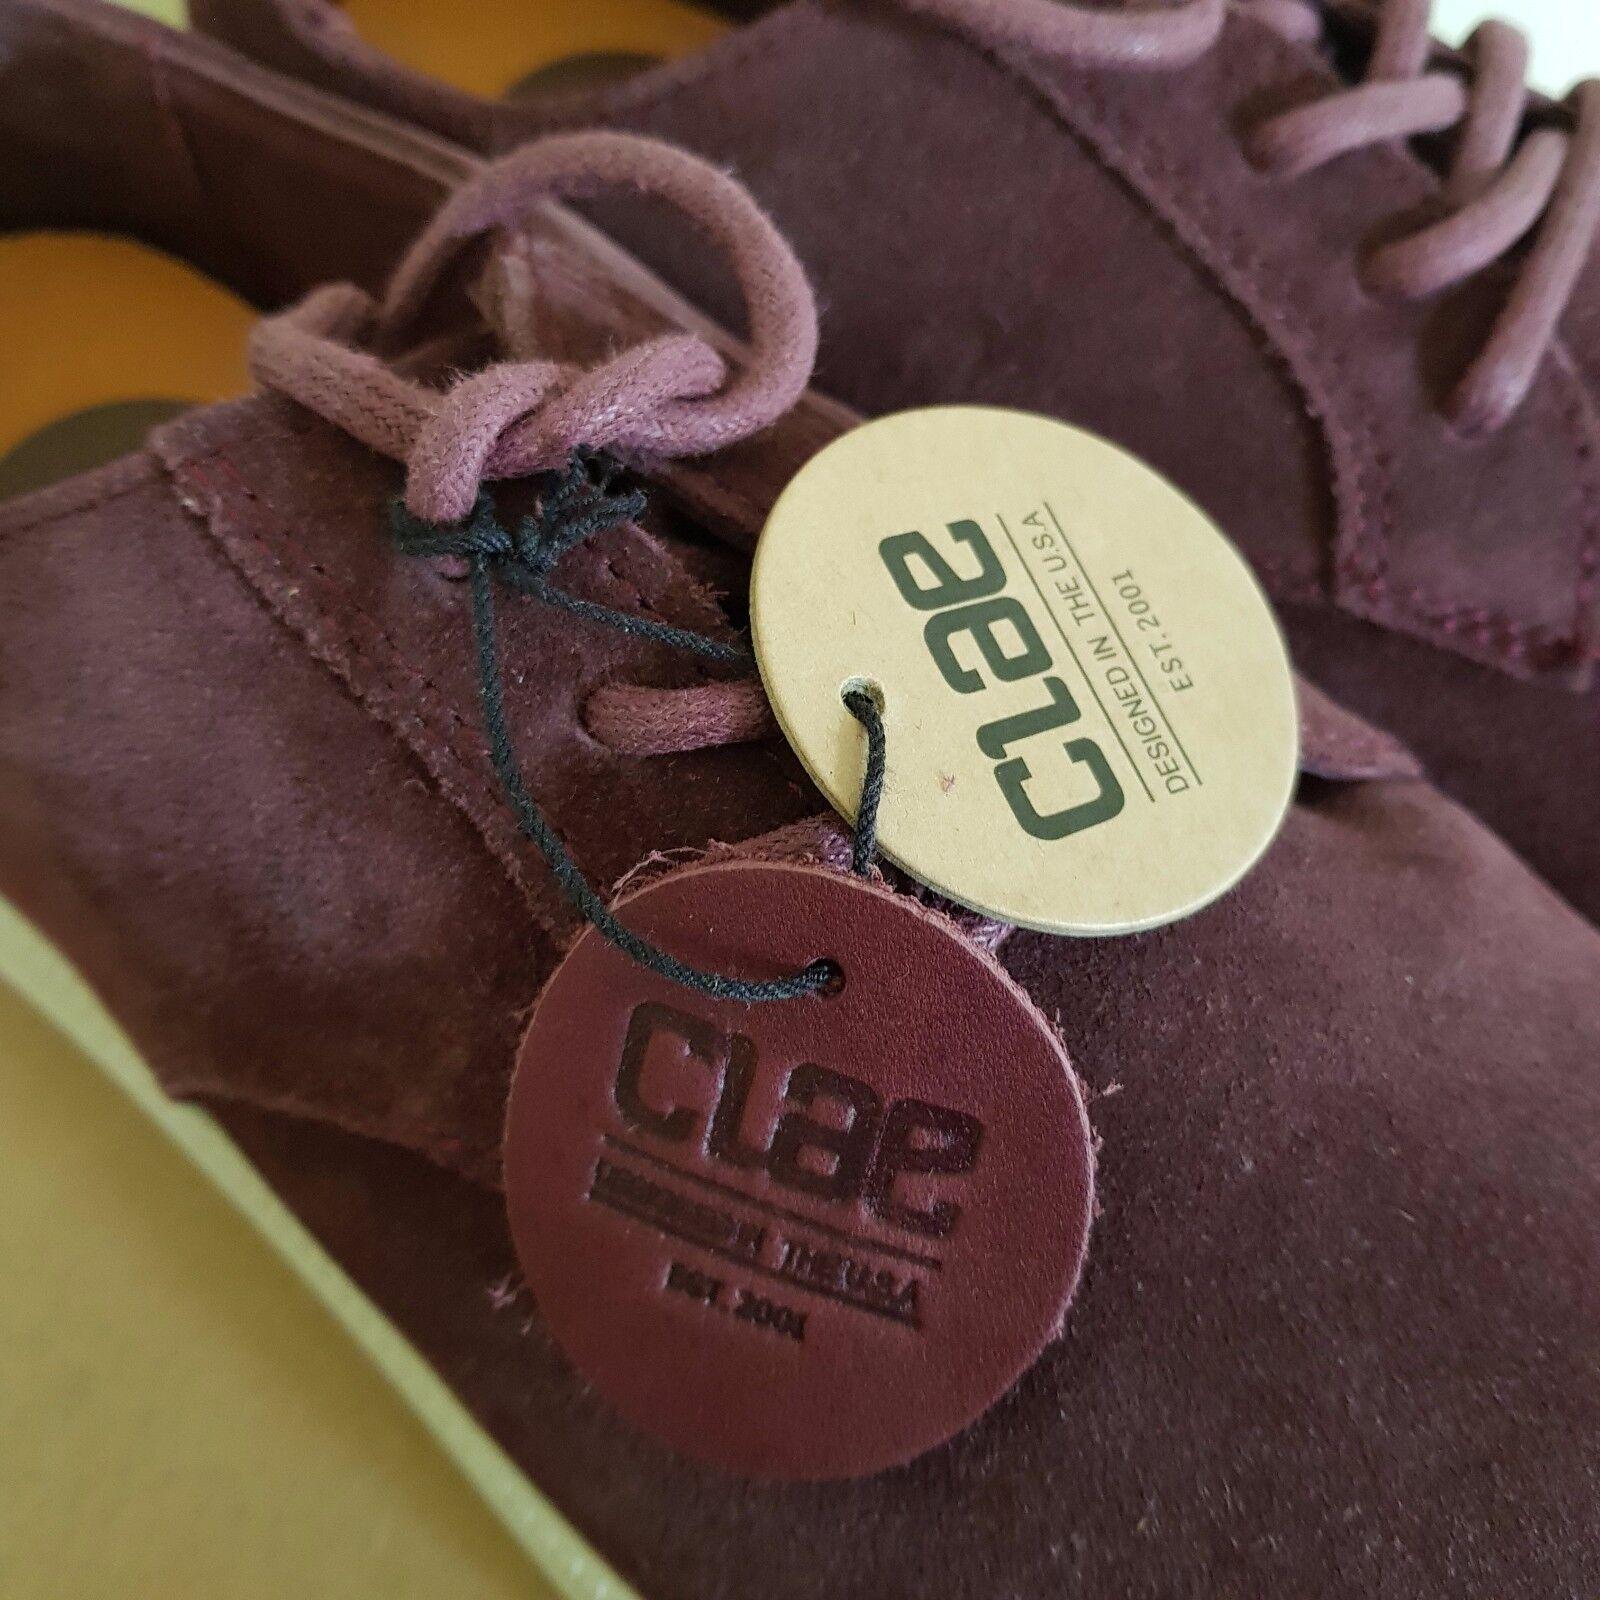 CLAE Ellington uomo scarpe US US US 8   EUR 41 (rrp ) | Moderato Prezzo  | Uomini/Donne Scarpa  94a4ee